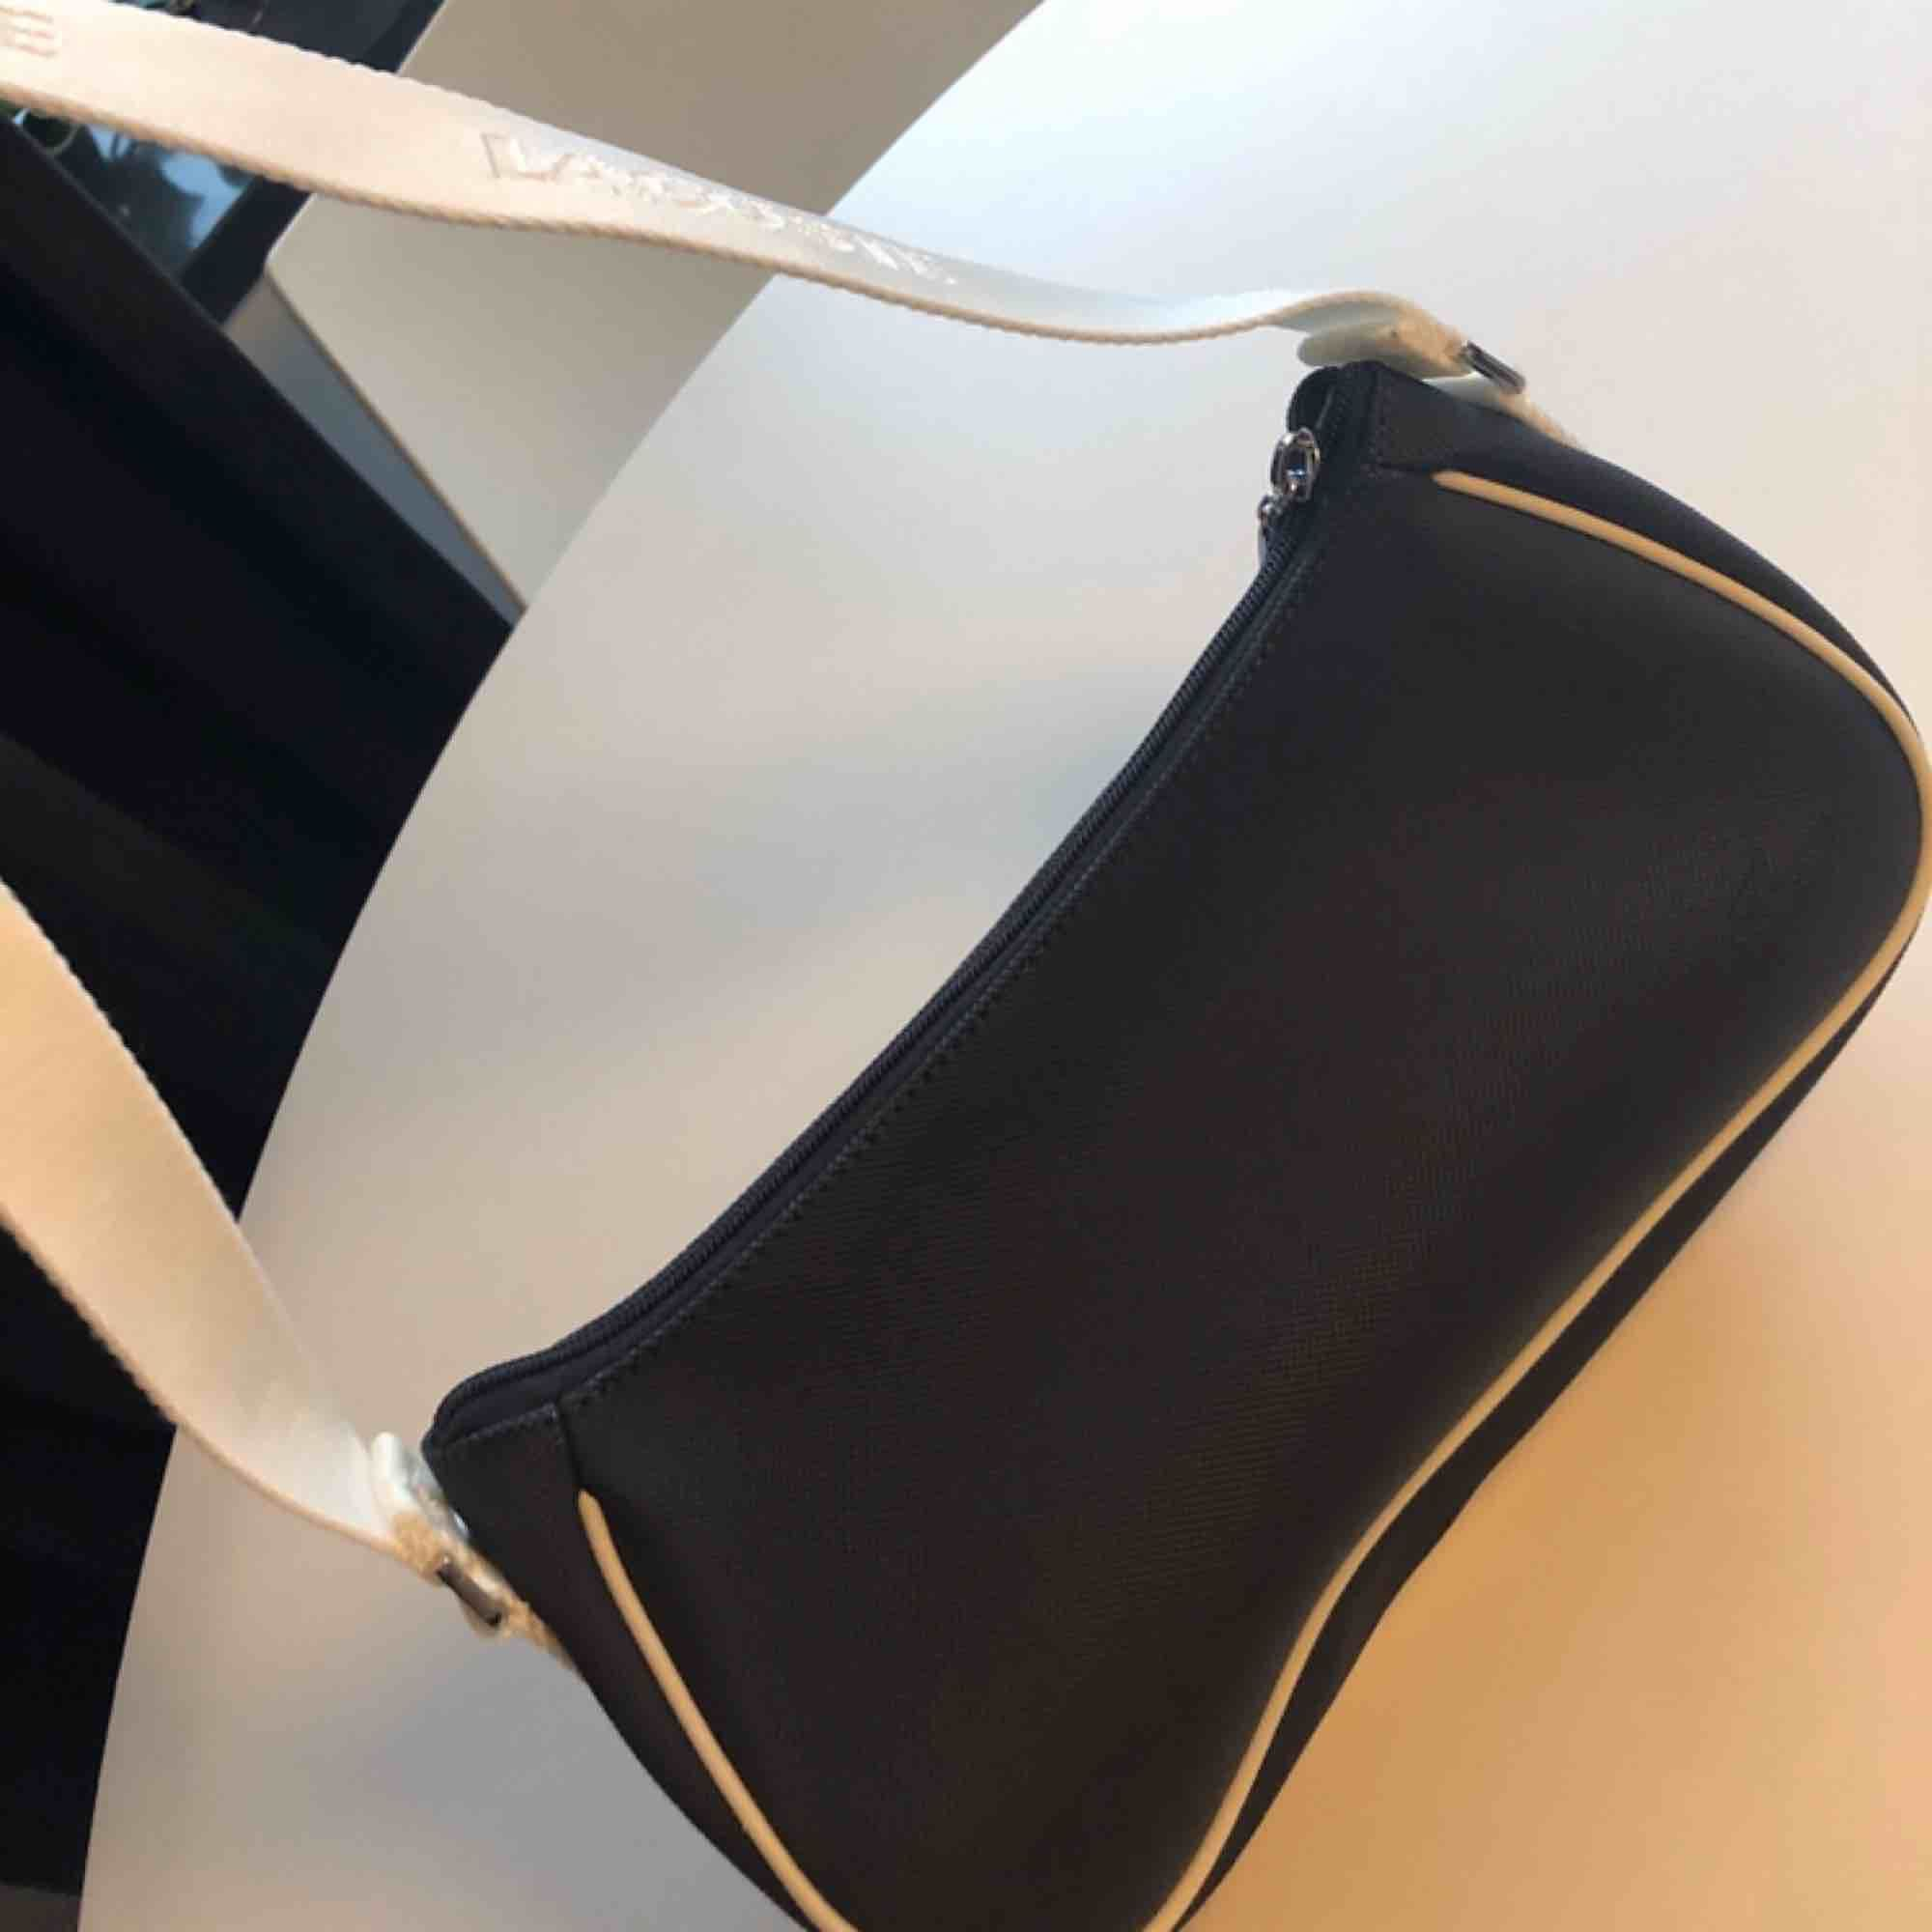 Axelremsväska Lacoste nyskick förutom liten fläck på insida kan skicka bild i övrigt väldigt fin köpt för ca 1500:-. Accessoarer.